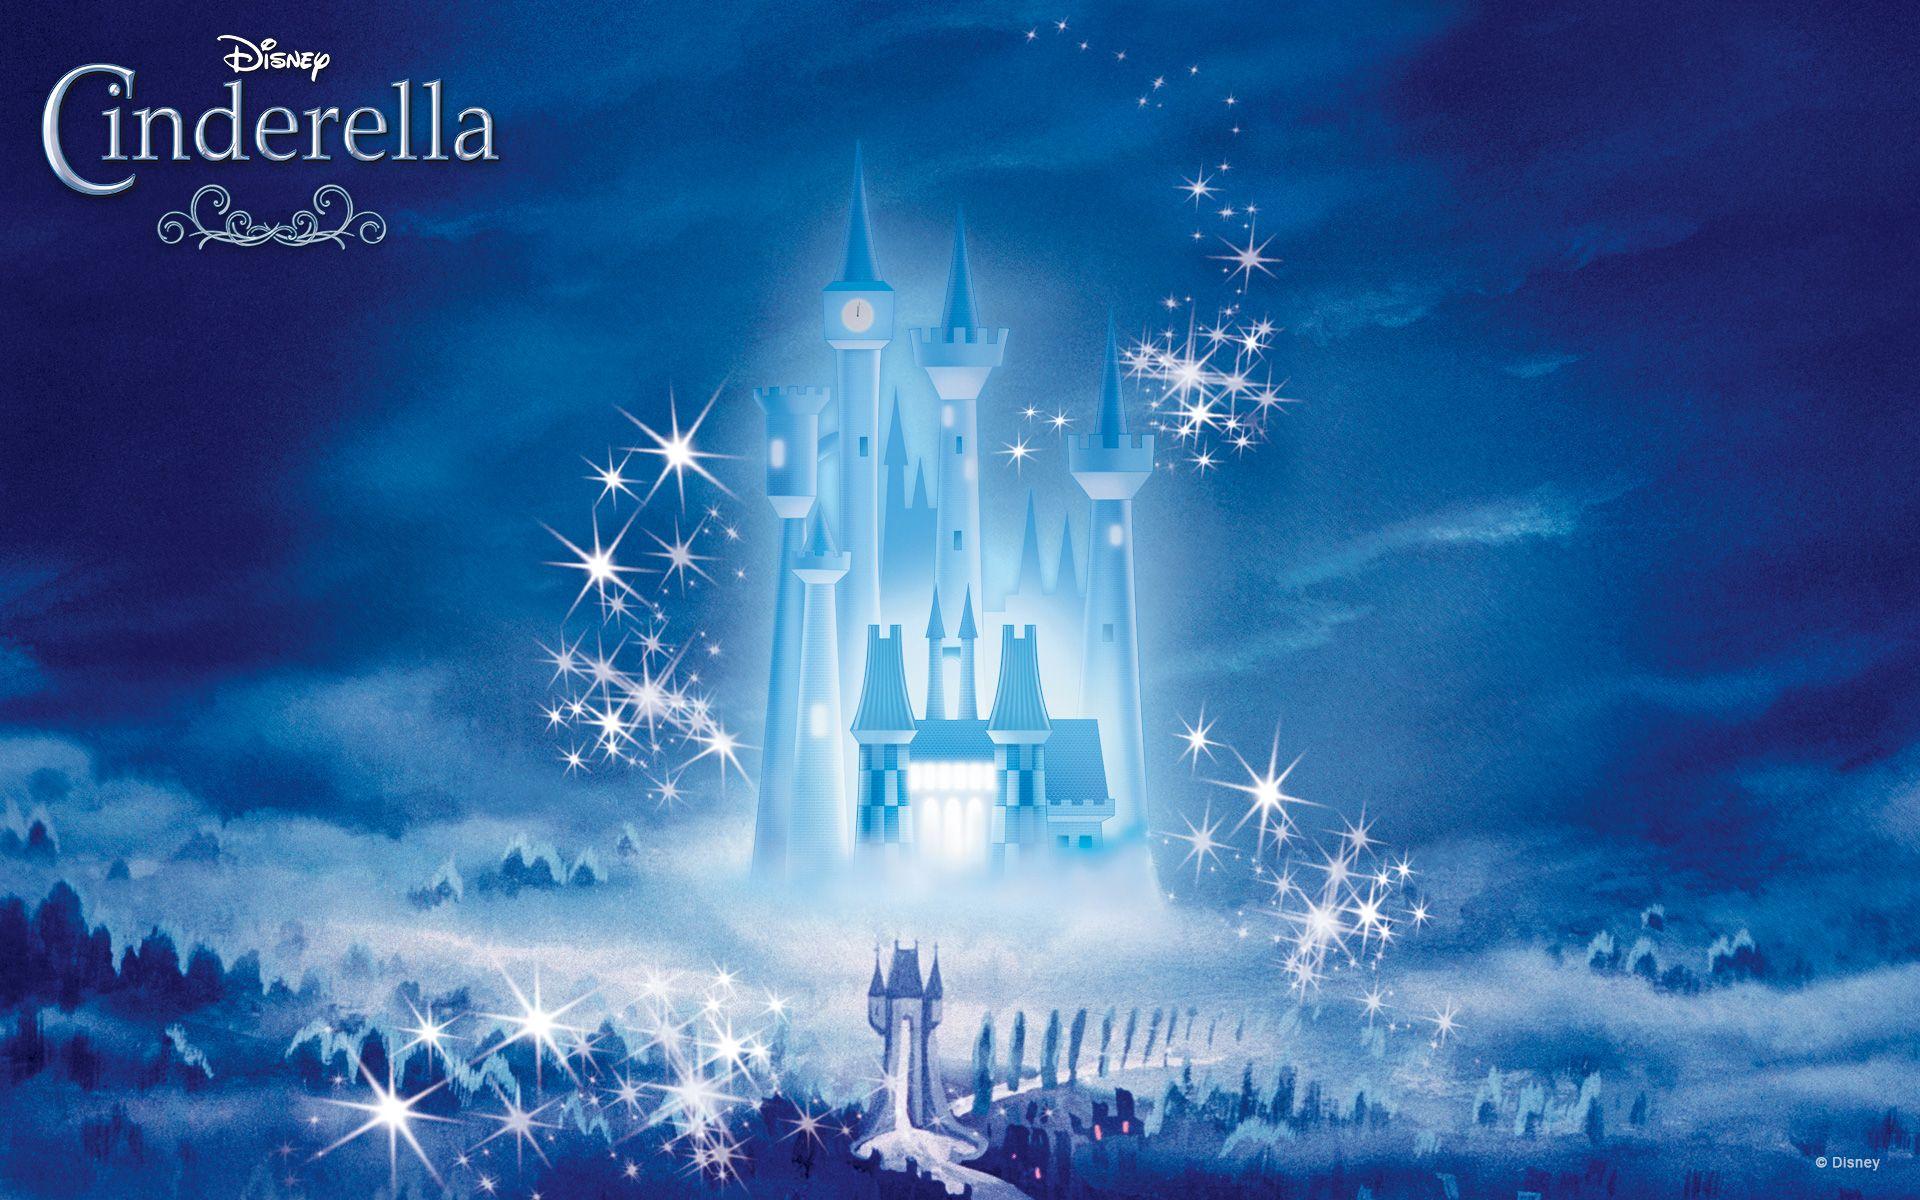 Princess Cinderella Wallpaper Cinderella Cinderella Wallpaper Cinderella Pictures Cinderella Background